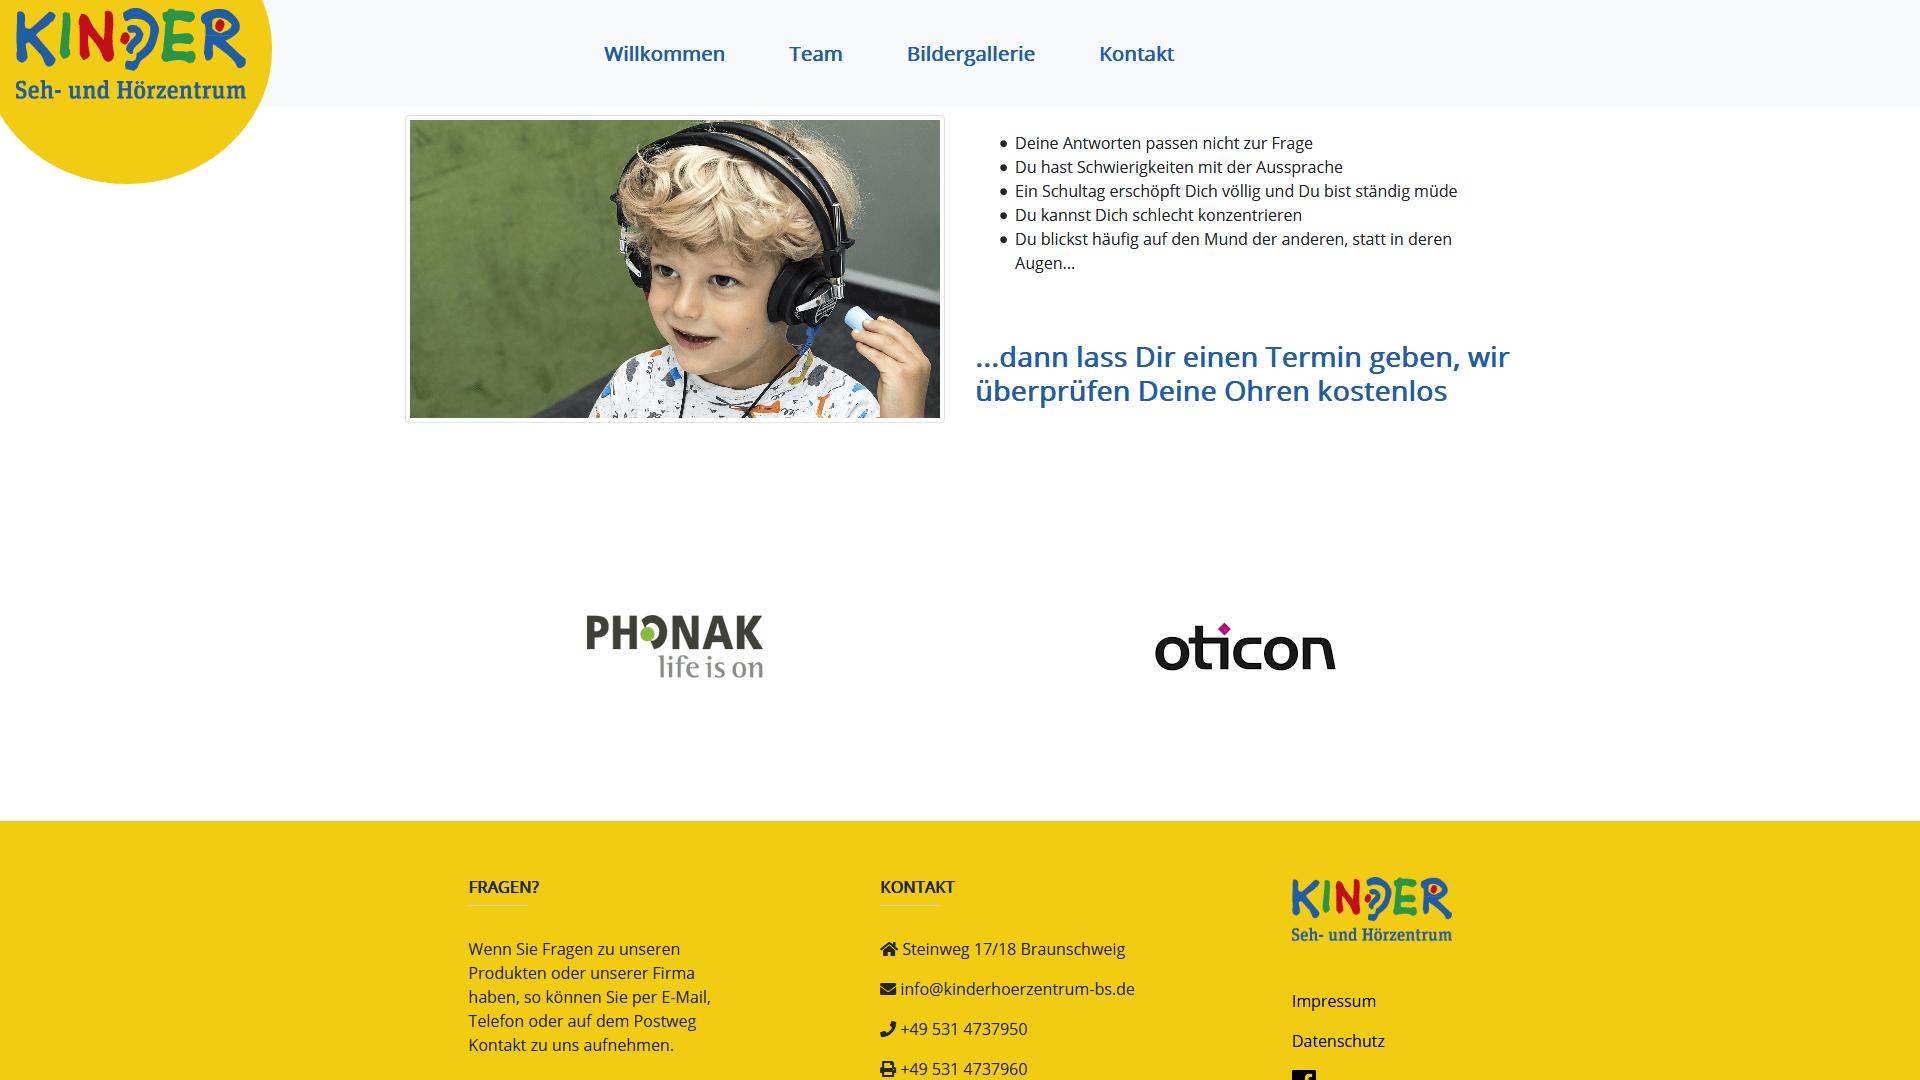 Hören - Kinder Seh- und Hörzentrum